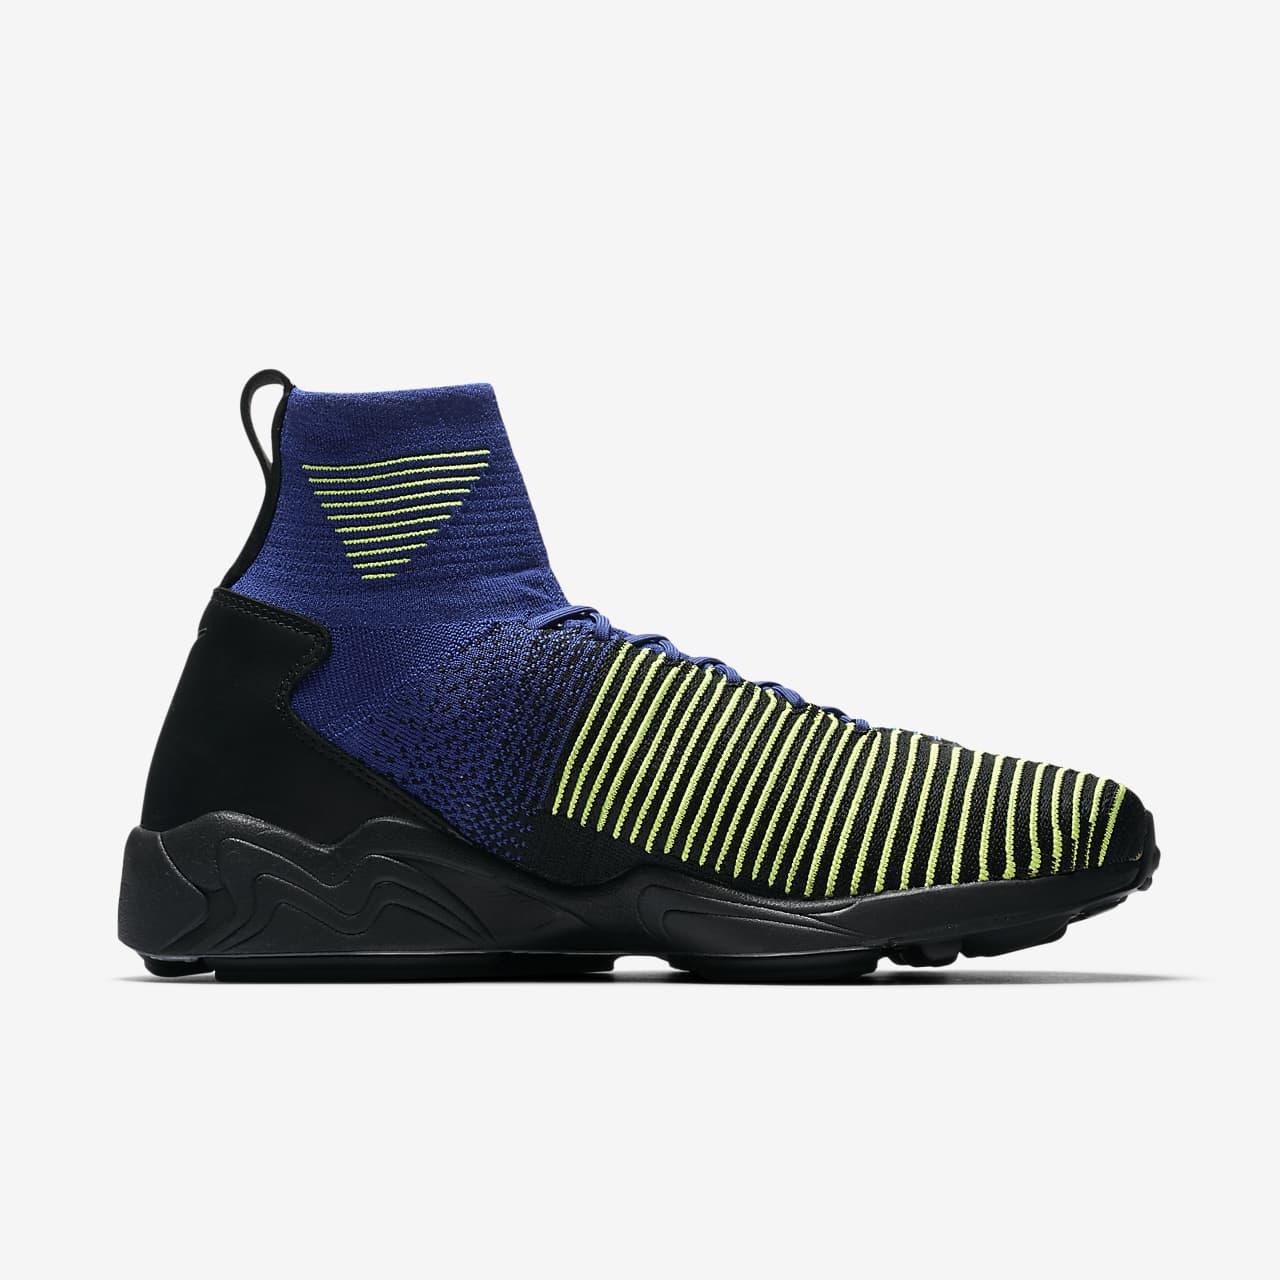 Nike Zoom Mercurial Flyknit Men's Shoe